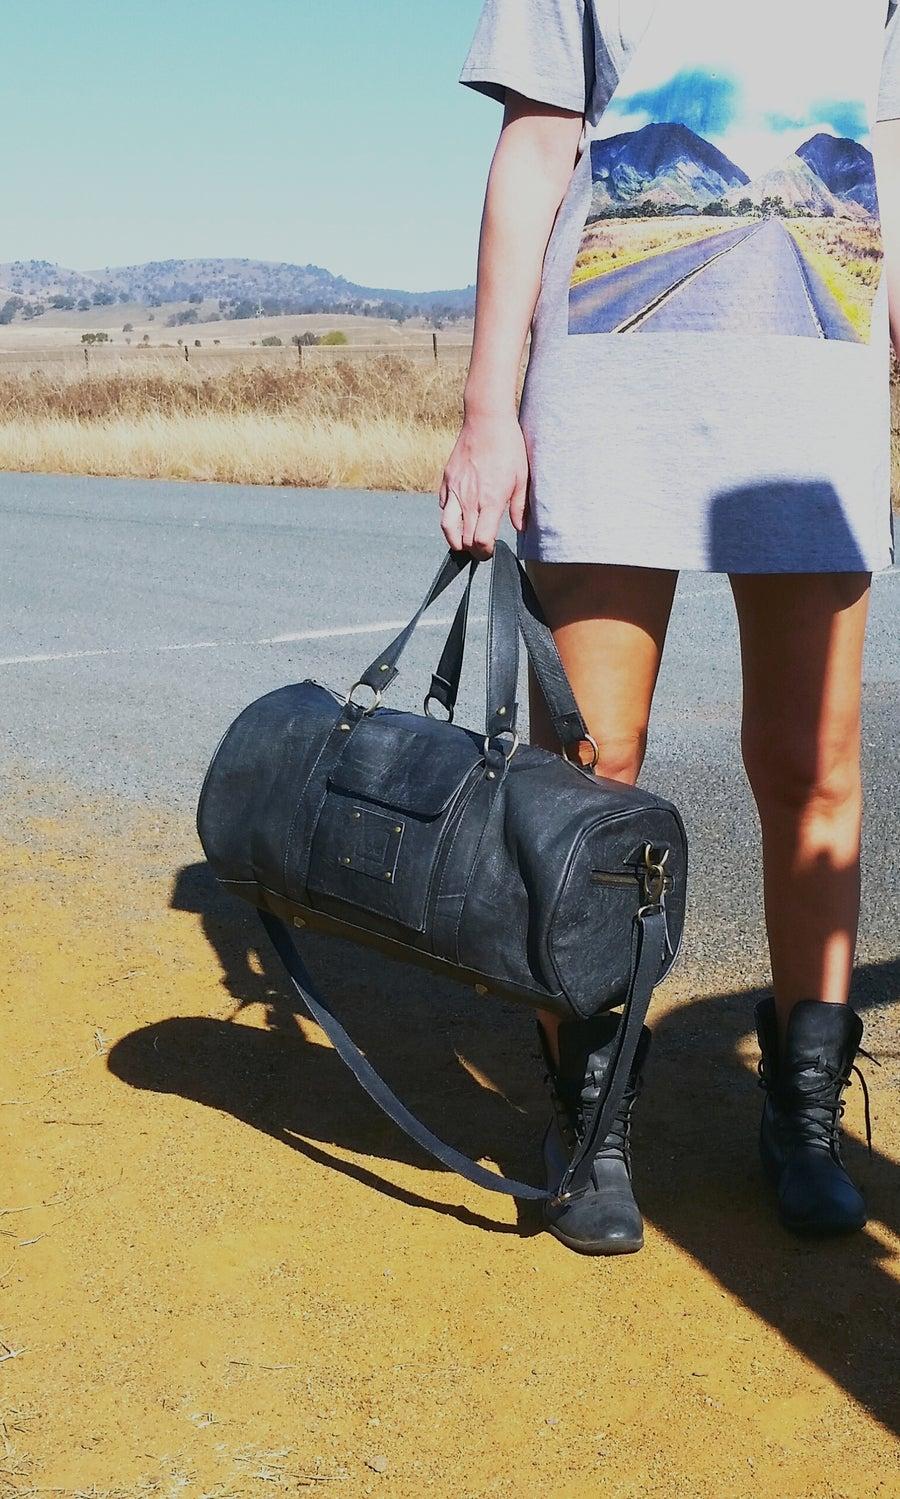 Image of Hoku Dreamover bag